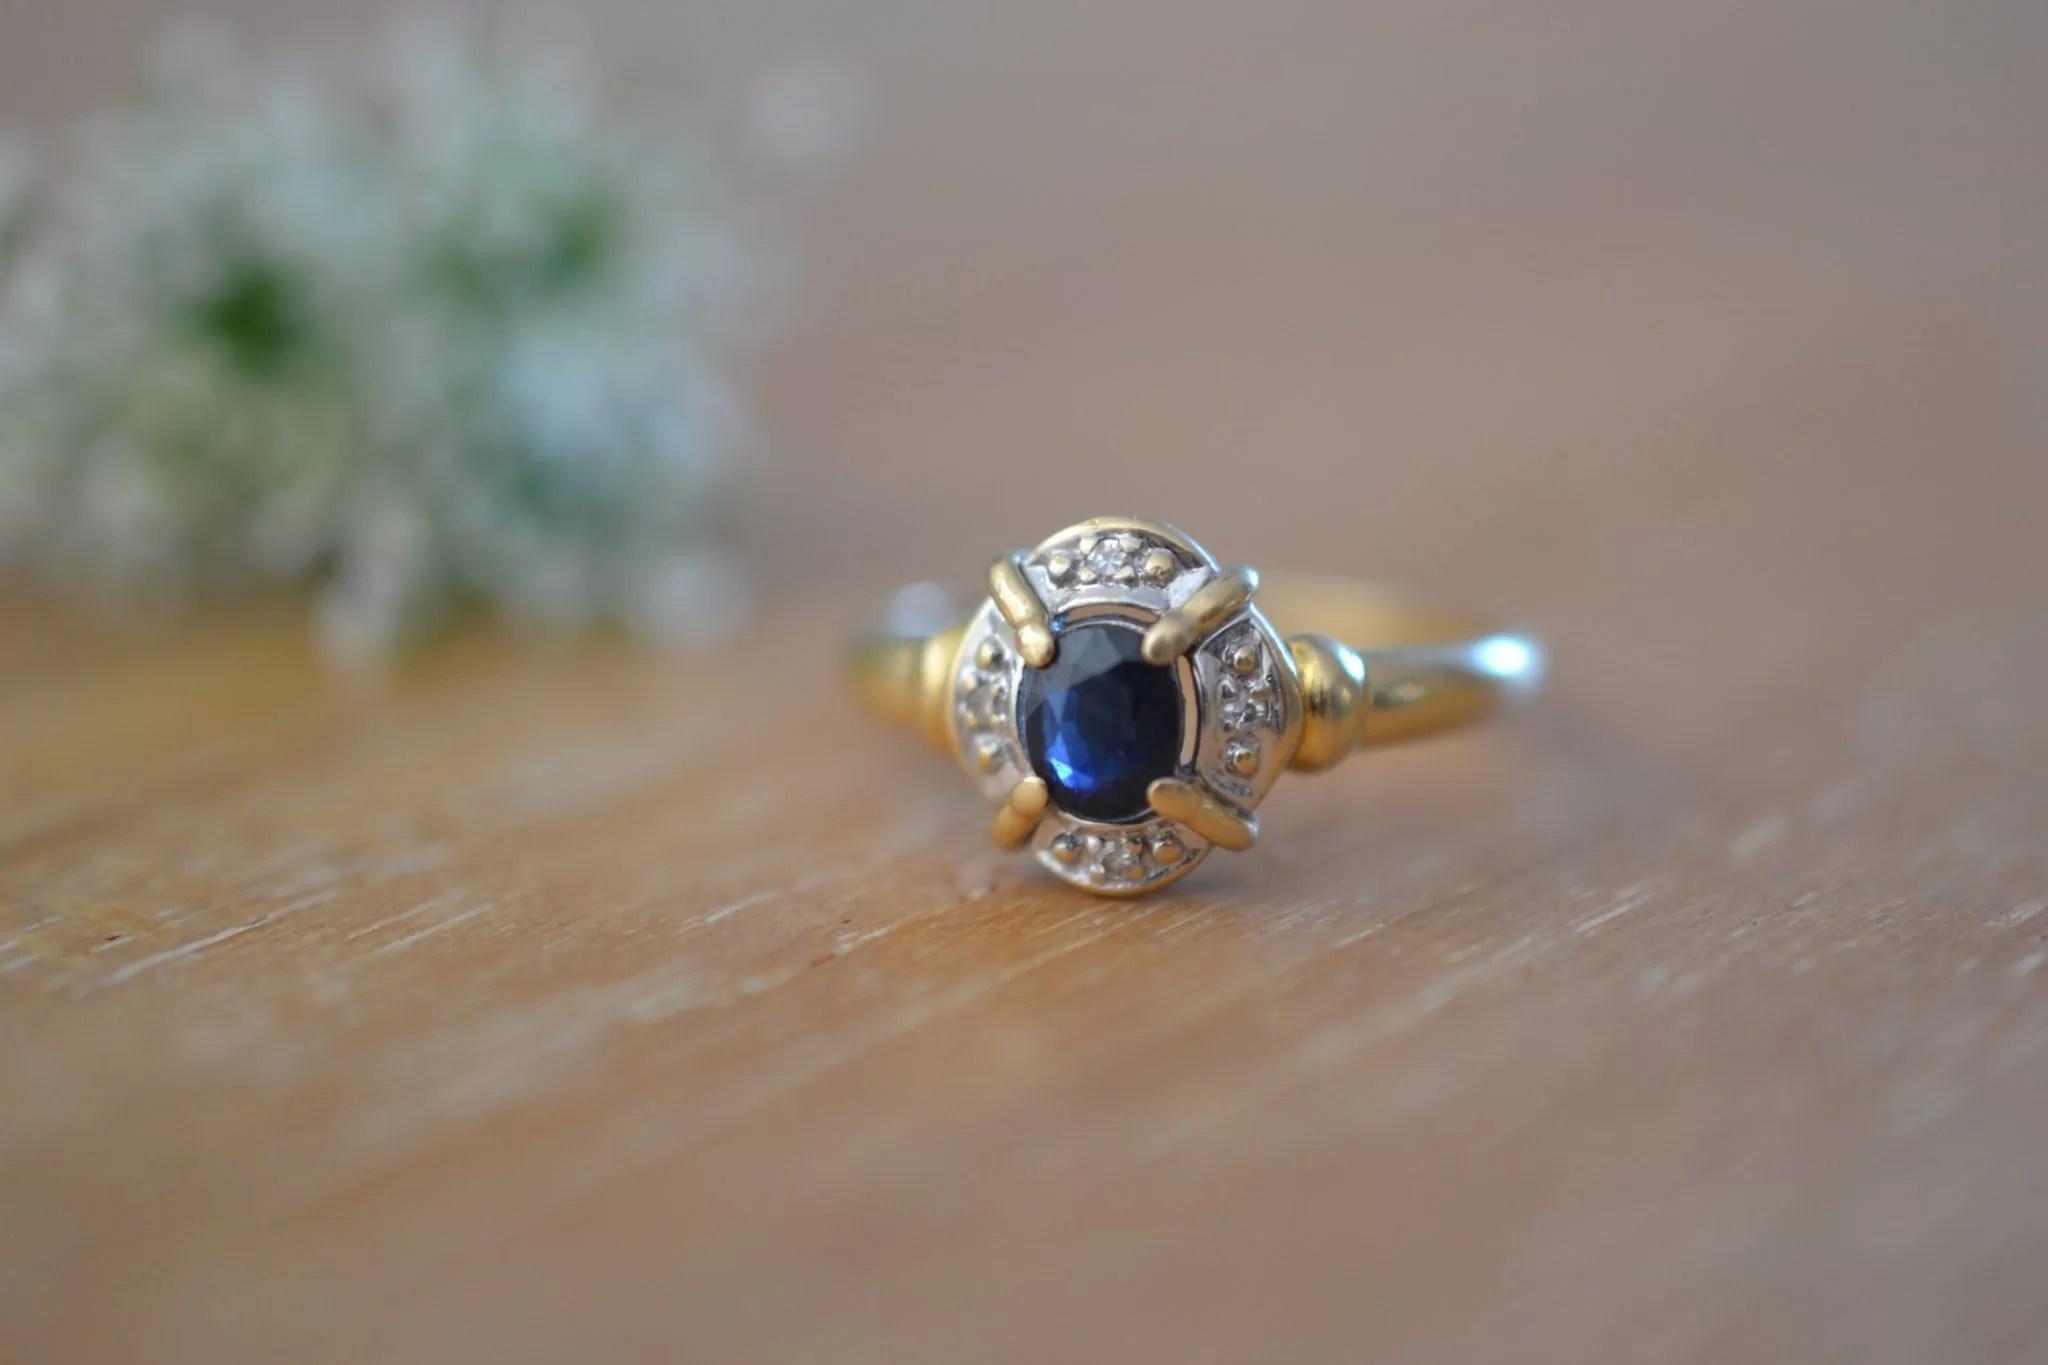 bague saphir et Or jaune et blanc pavage - bijou ancien - 18 carats 750:1000 - bijoux vintage